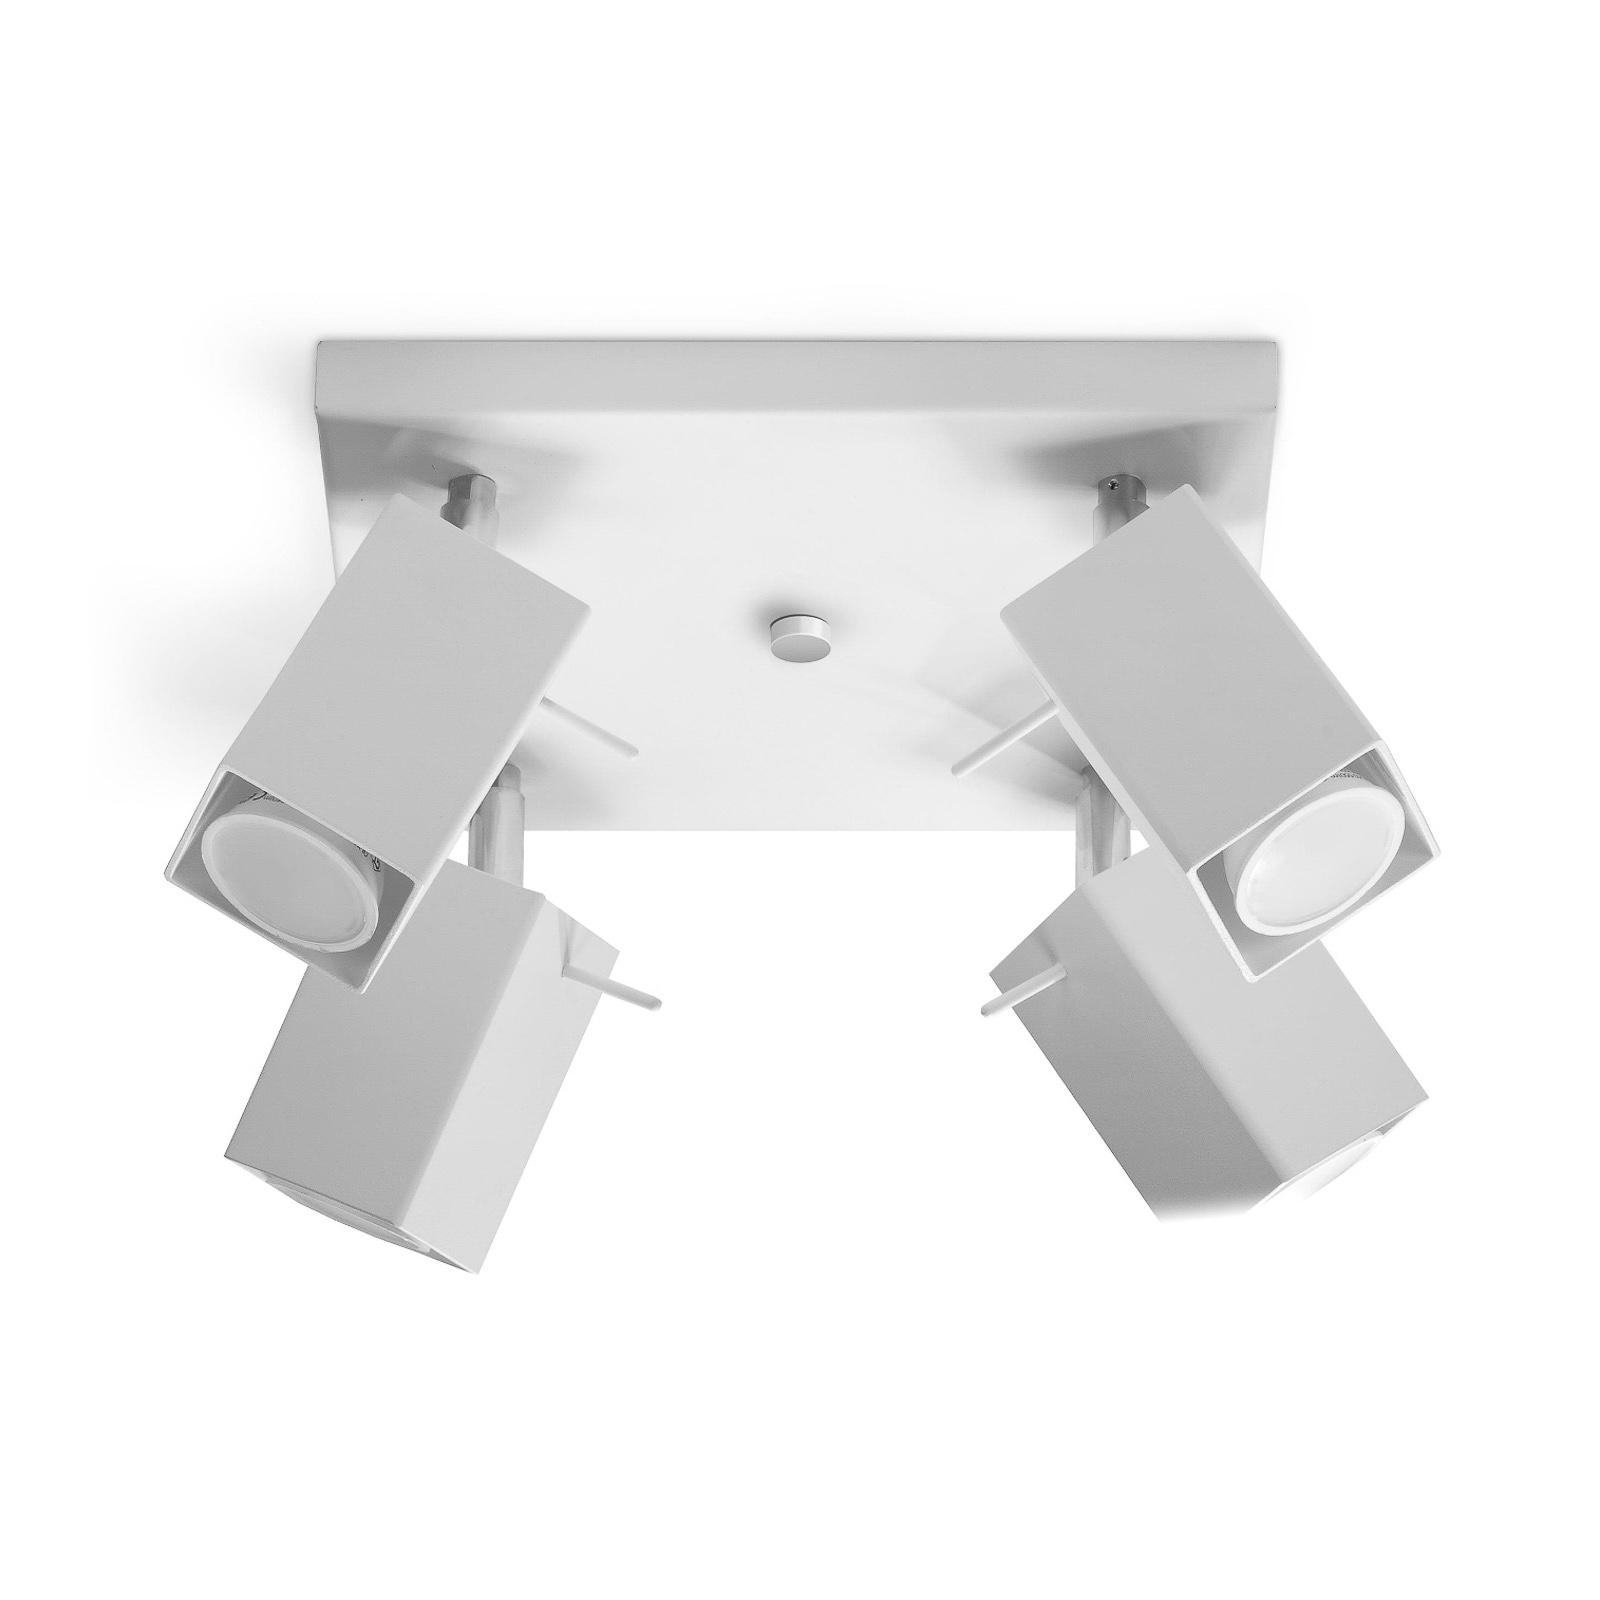 Deckenstrahler Square, weiß, vierflammig, Quadrat